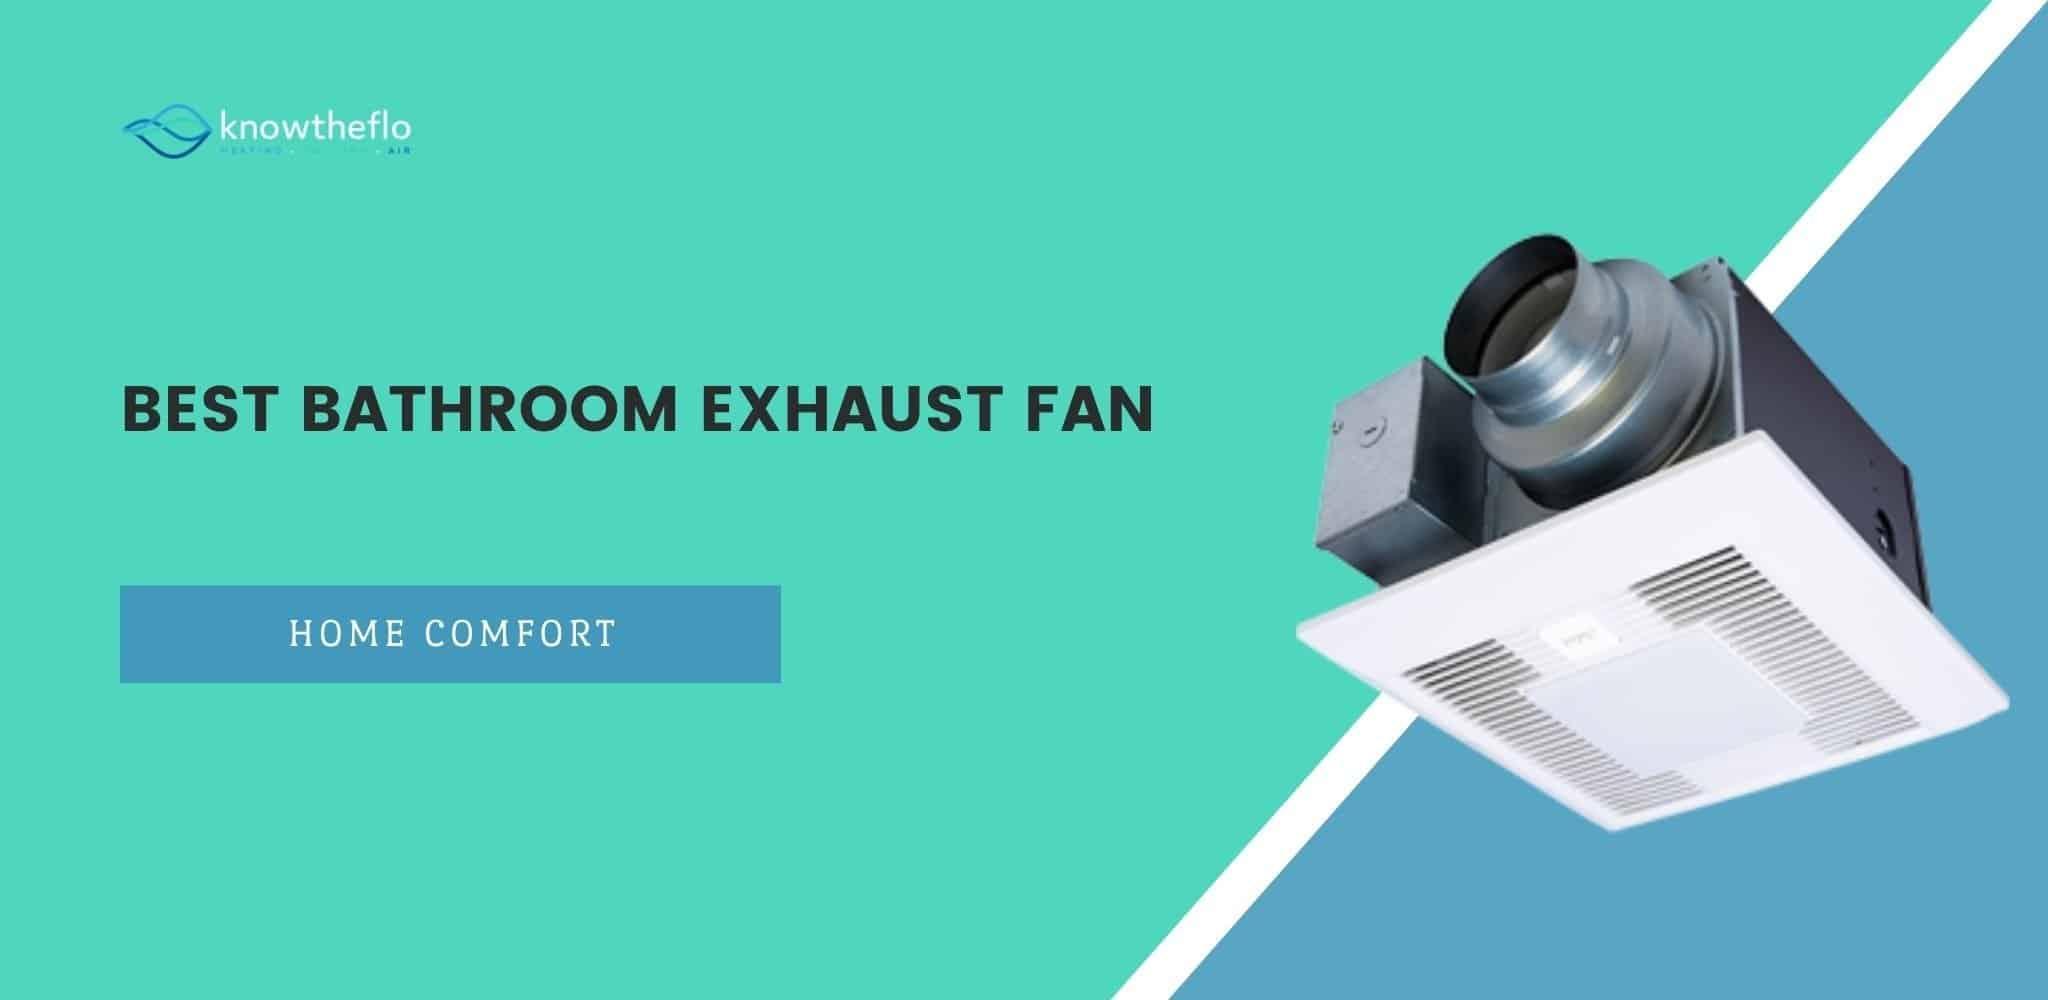 best bathroom exhaust fan 2019 guide